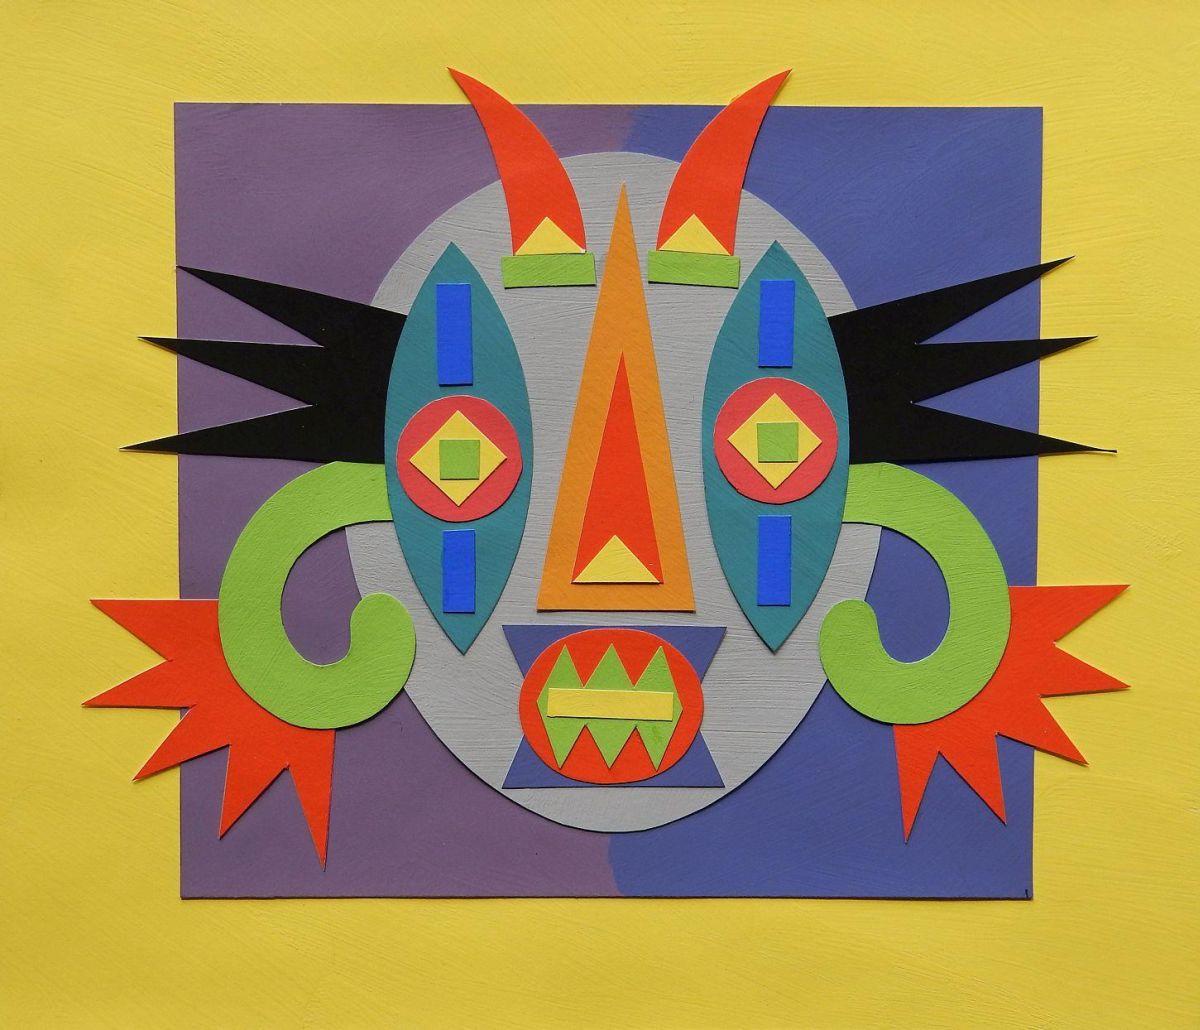 Herbert Rodriguez - Maske, Collage, 19,5x23 cm, verso signiert 1998, Unikat kopen? Bied vanaf 340!